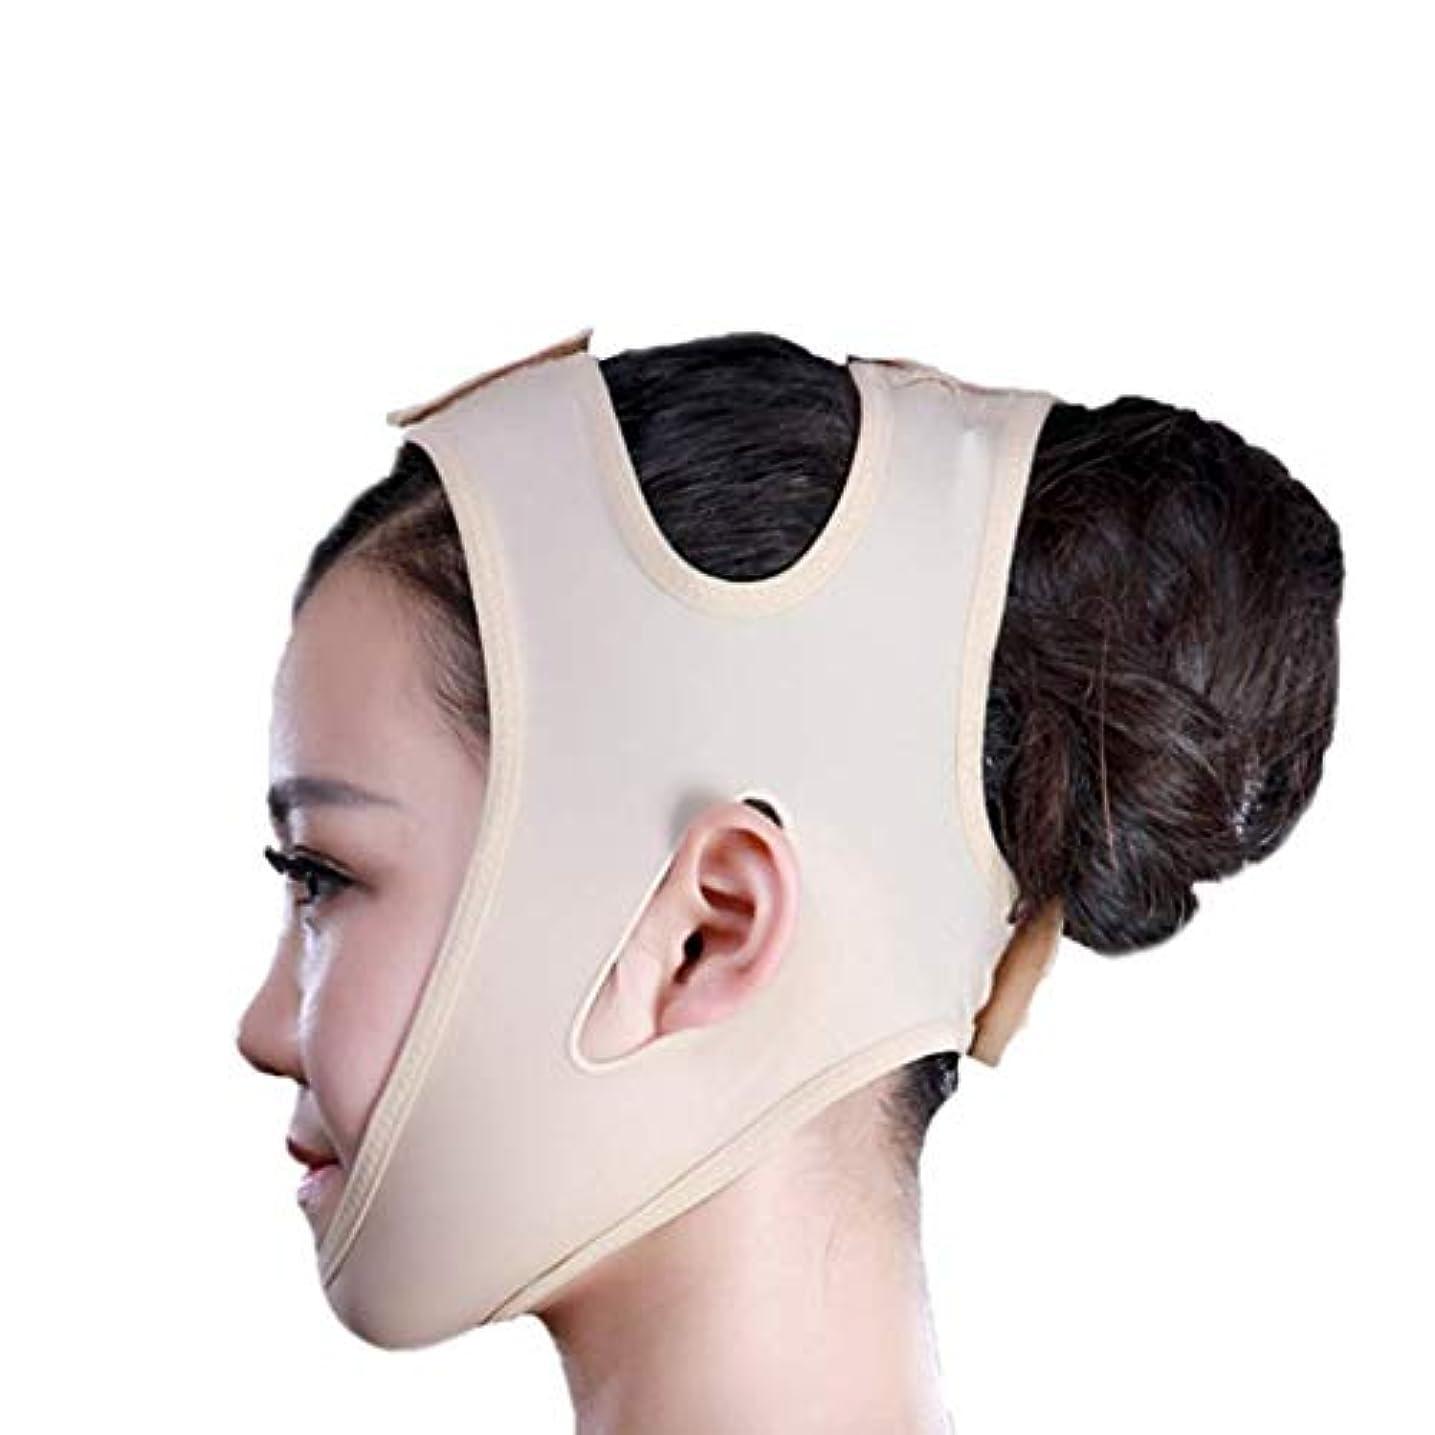 不公平孤児エスカレーターフェイススリミングマスク、快適さと通気性、フェイシャルリフティング、輪郭の改善された硬さ、ファーミングとリフティングフェイス(カラー:ブラック、サイズ:XL),黄色がかったピンク、S